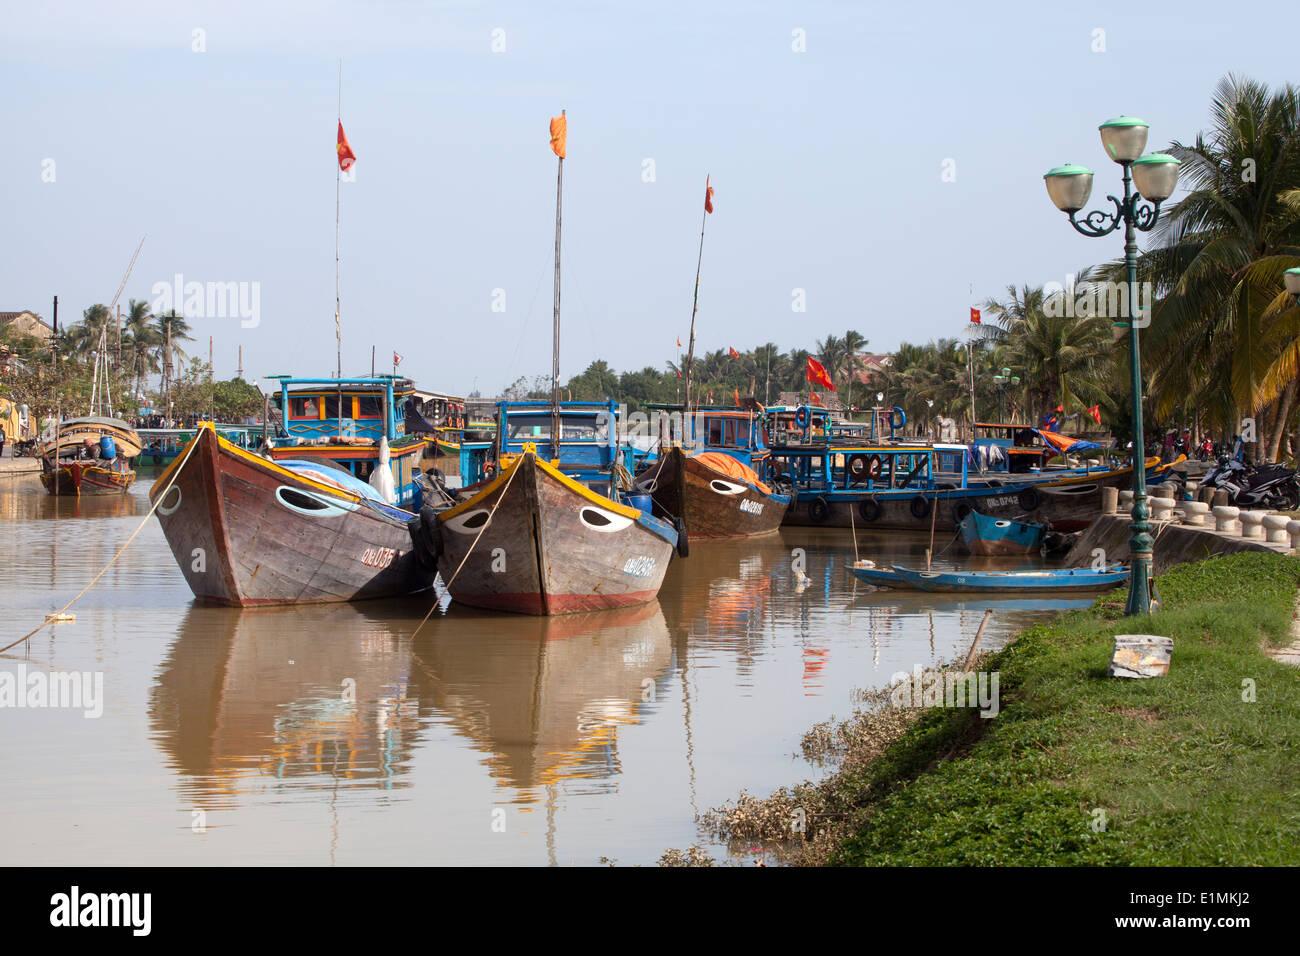 Bateaux dans la rivière Thu Bon à Hoi An Vietnam Photo Stock